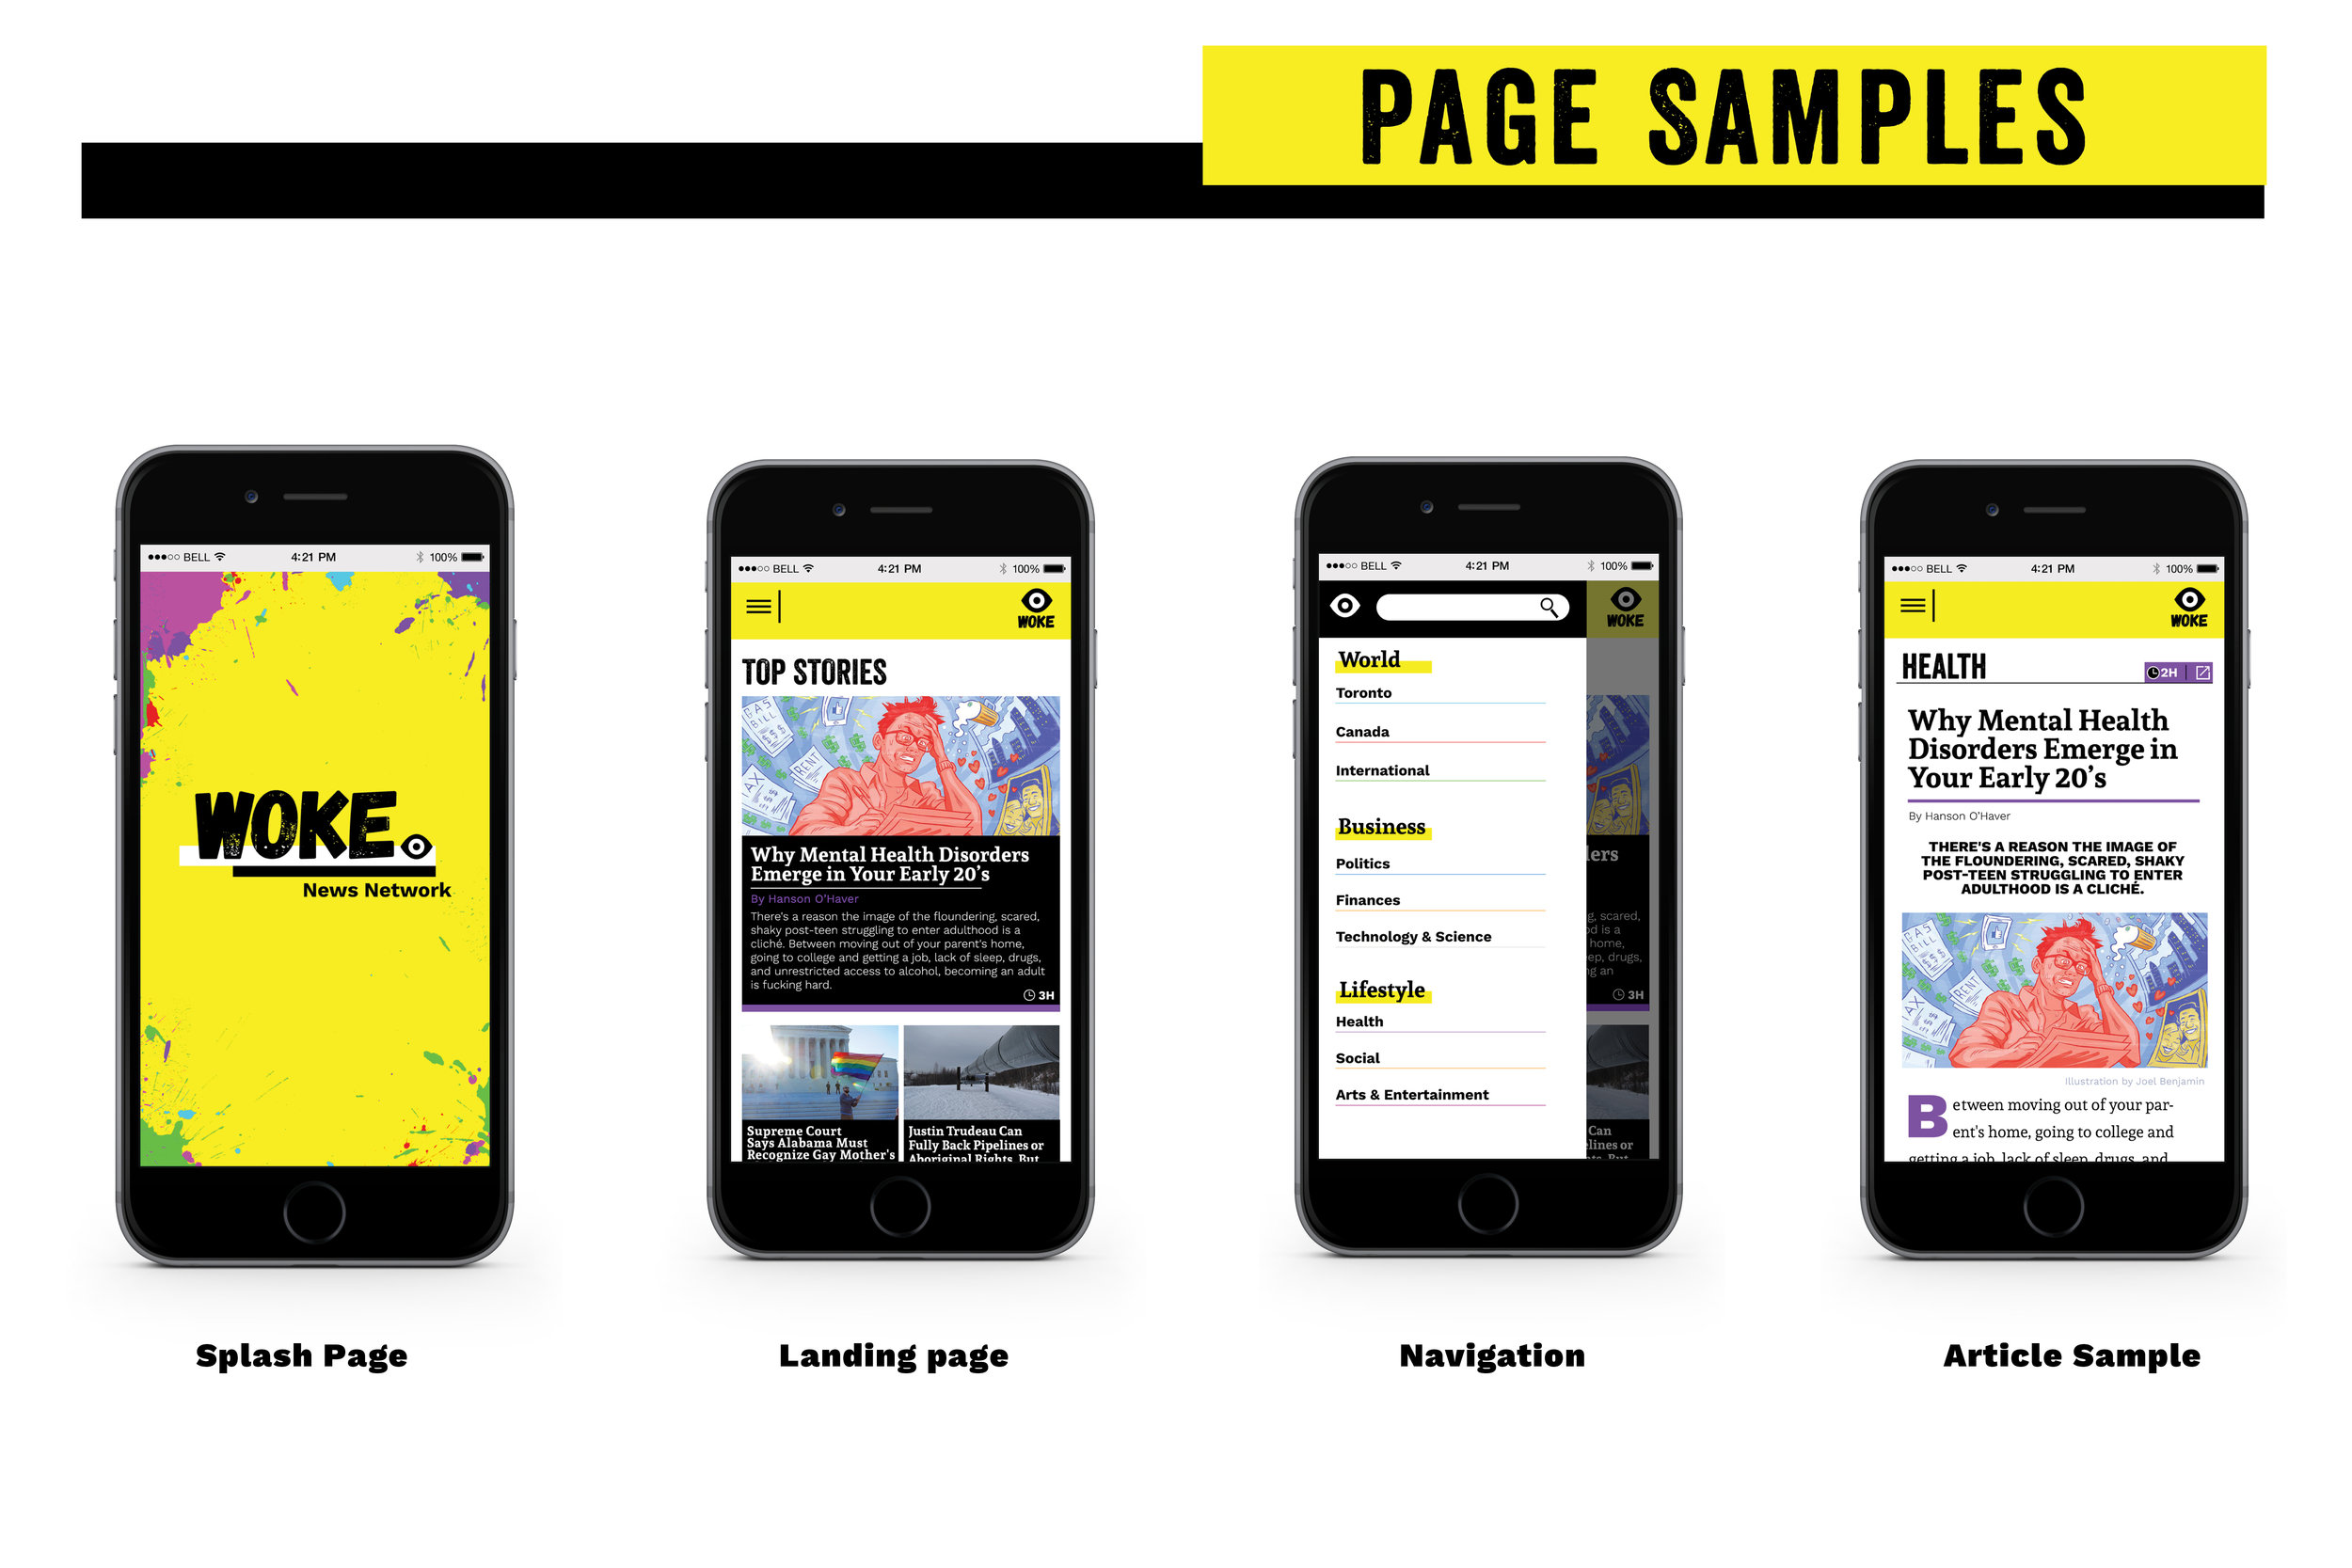 pagesamples.jpg